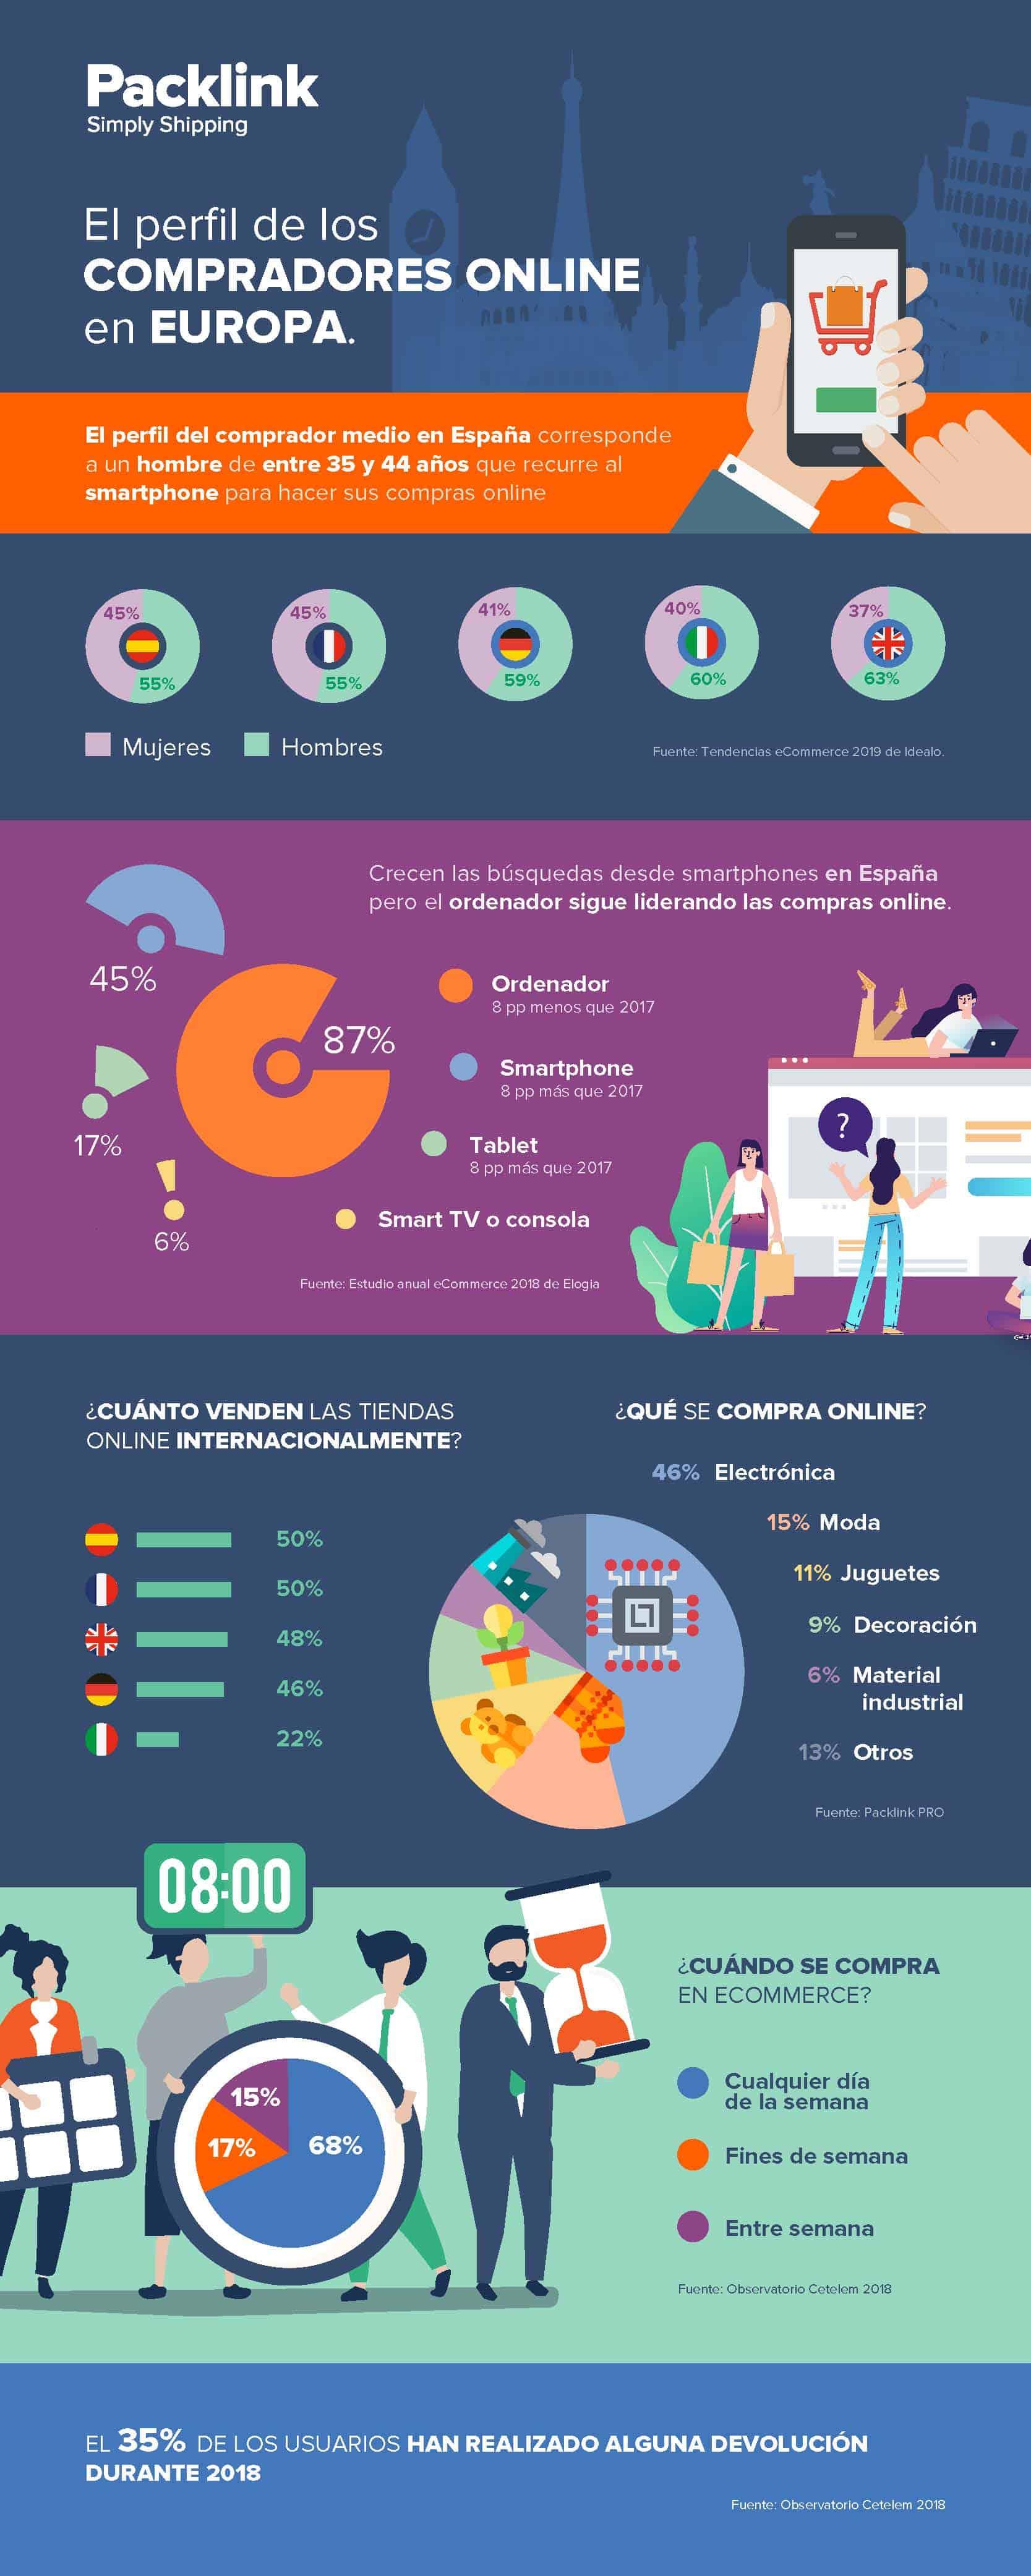 Cómo son los compradores online en Europa (Infografía)